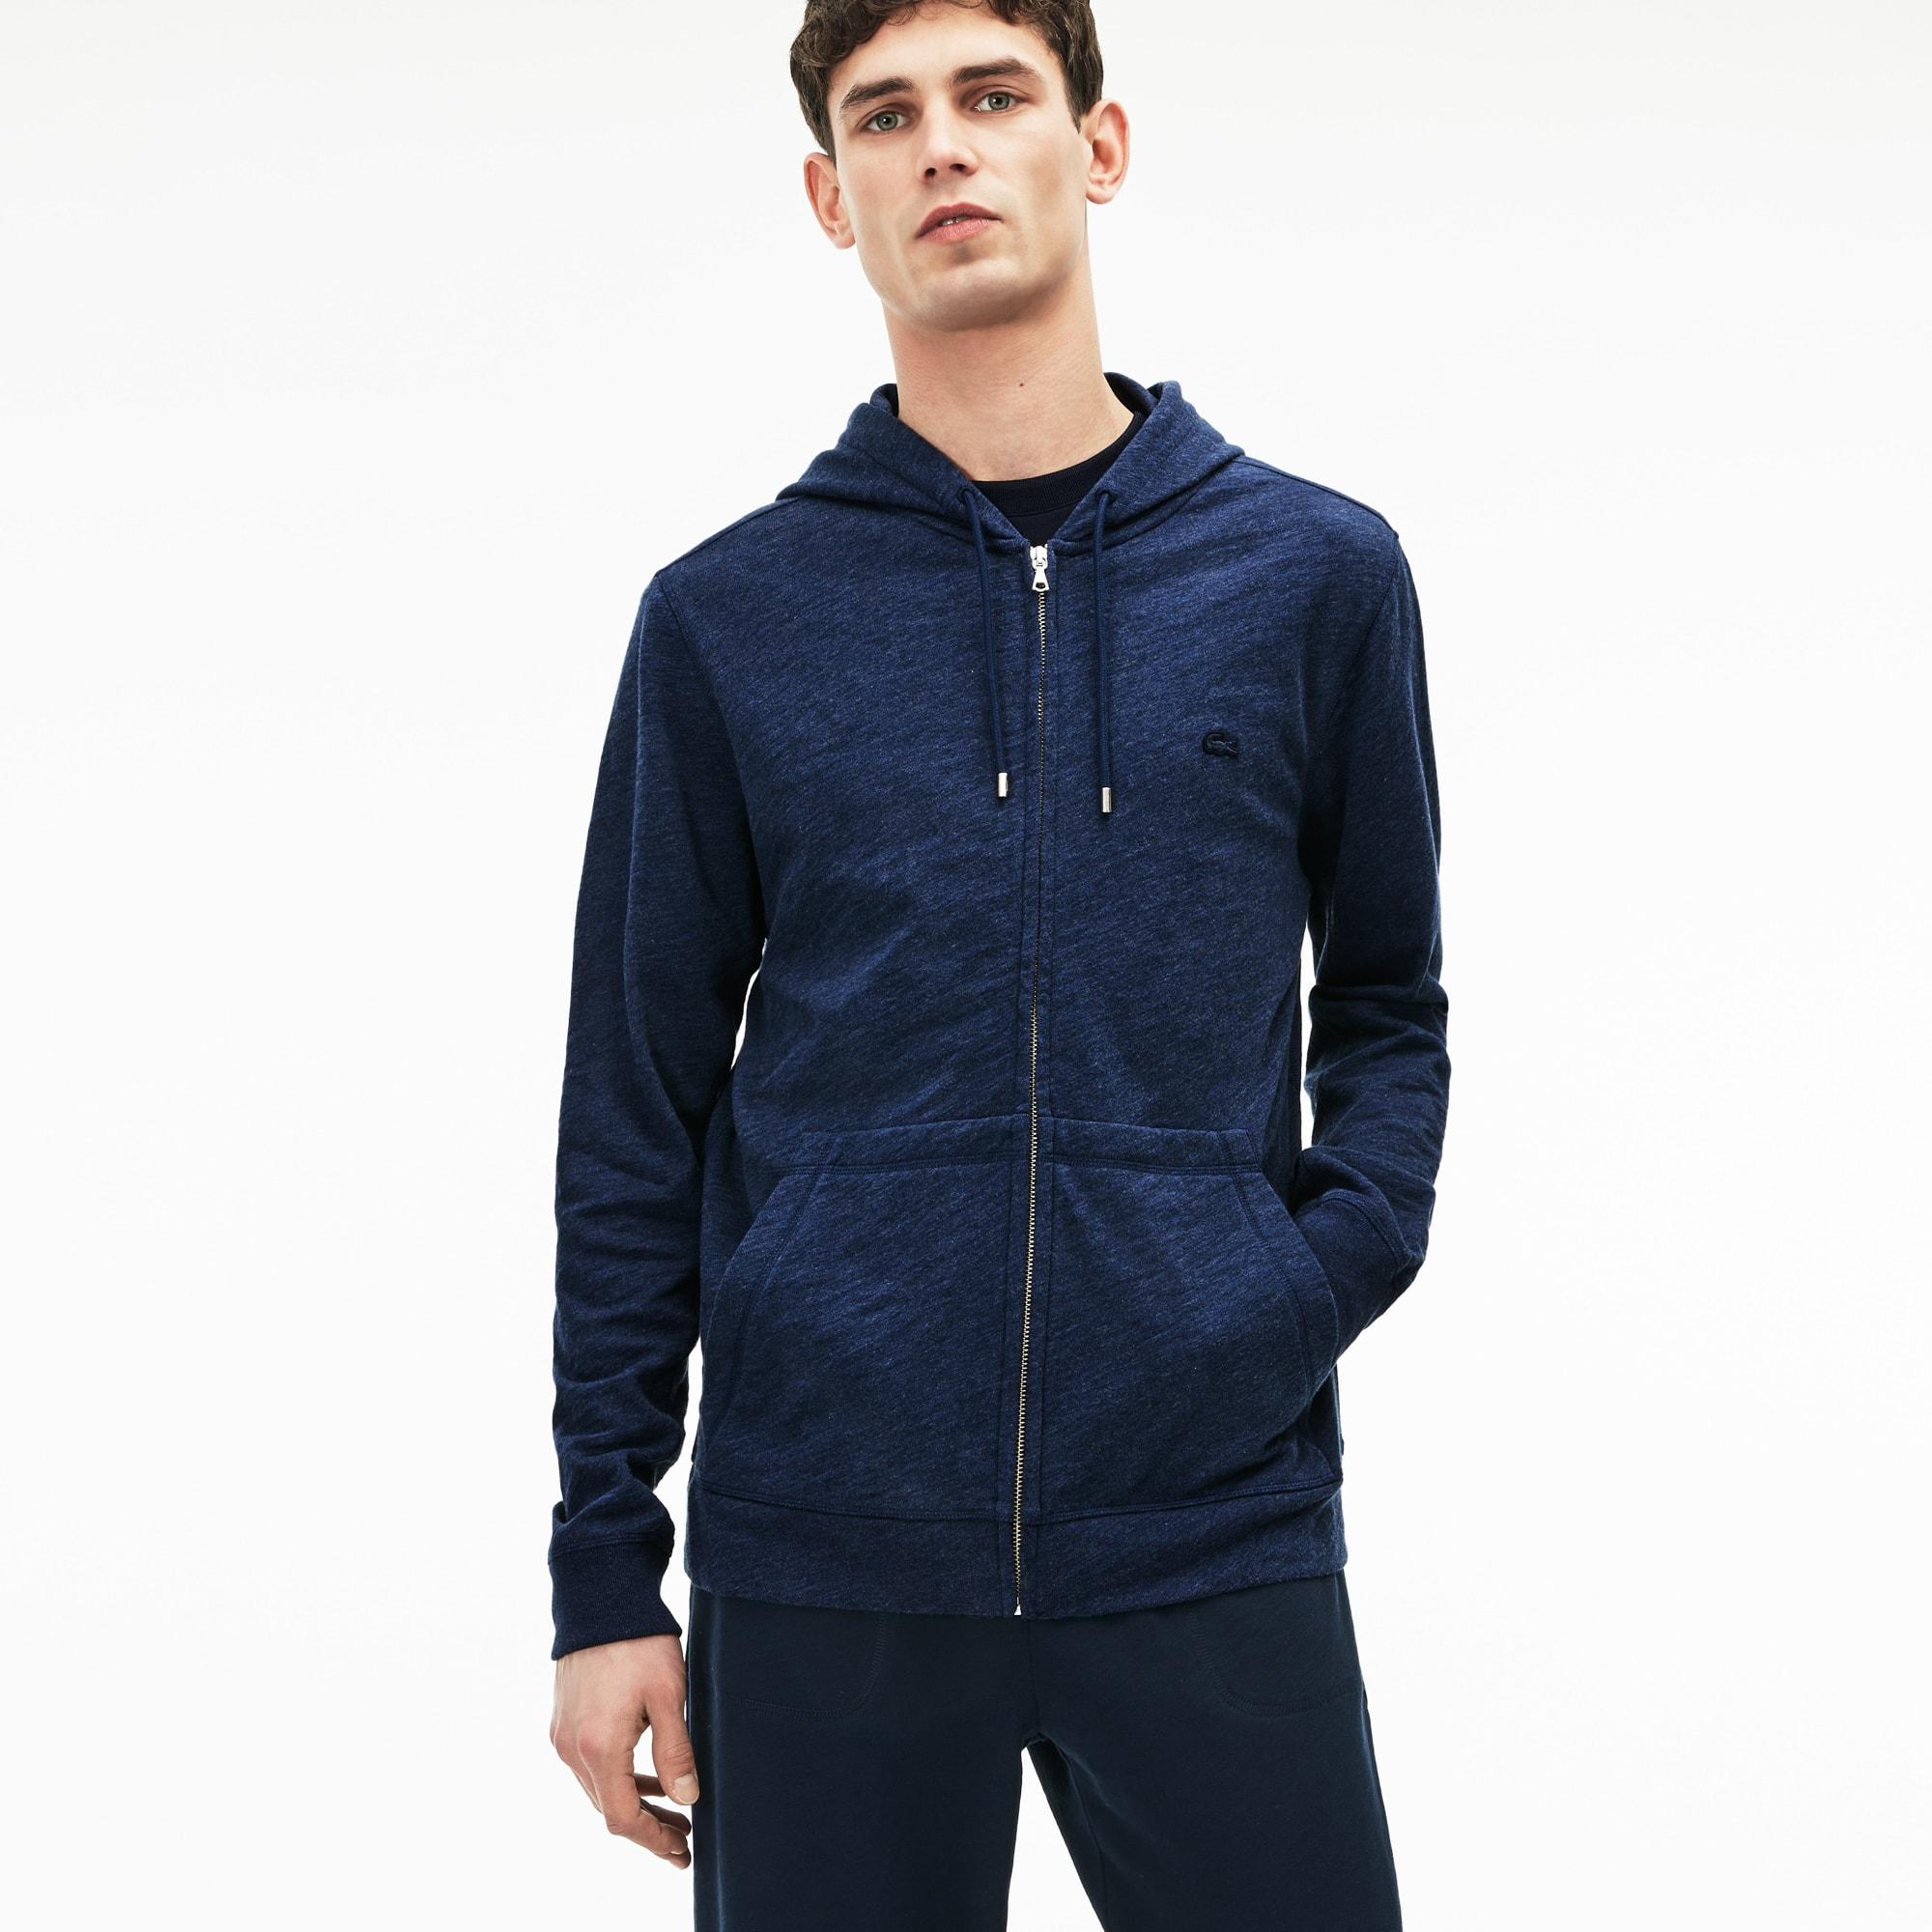 Men's Lacoste MOTION Hooded Cotton Fleece Zip Sweatshirt